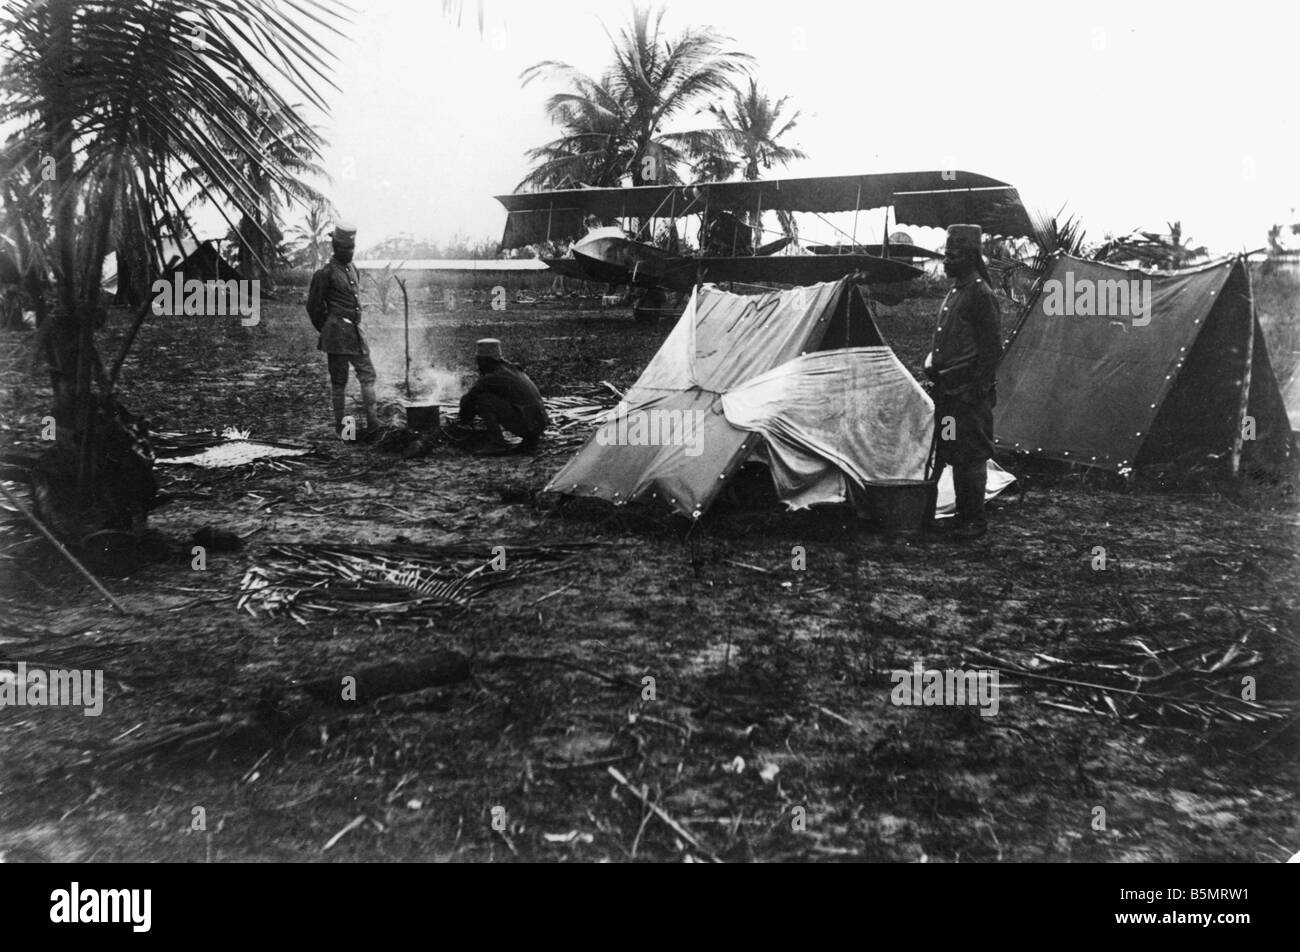 9AF 1914 A5 2 0 0 tentes par Askaris ger l'Afrique de l'Est Seconde Guerre mondiale 1 Guerre dans les colonies de l'Afrique de l'Est Tanzanie allemand maintenant Native auxili Banque D'Images